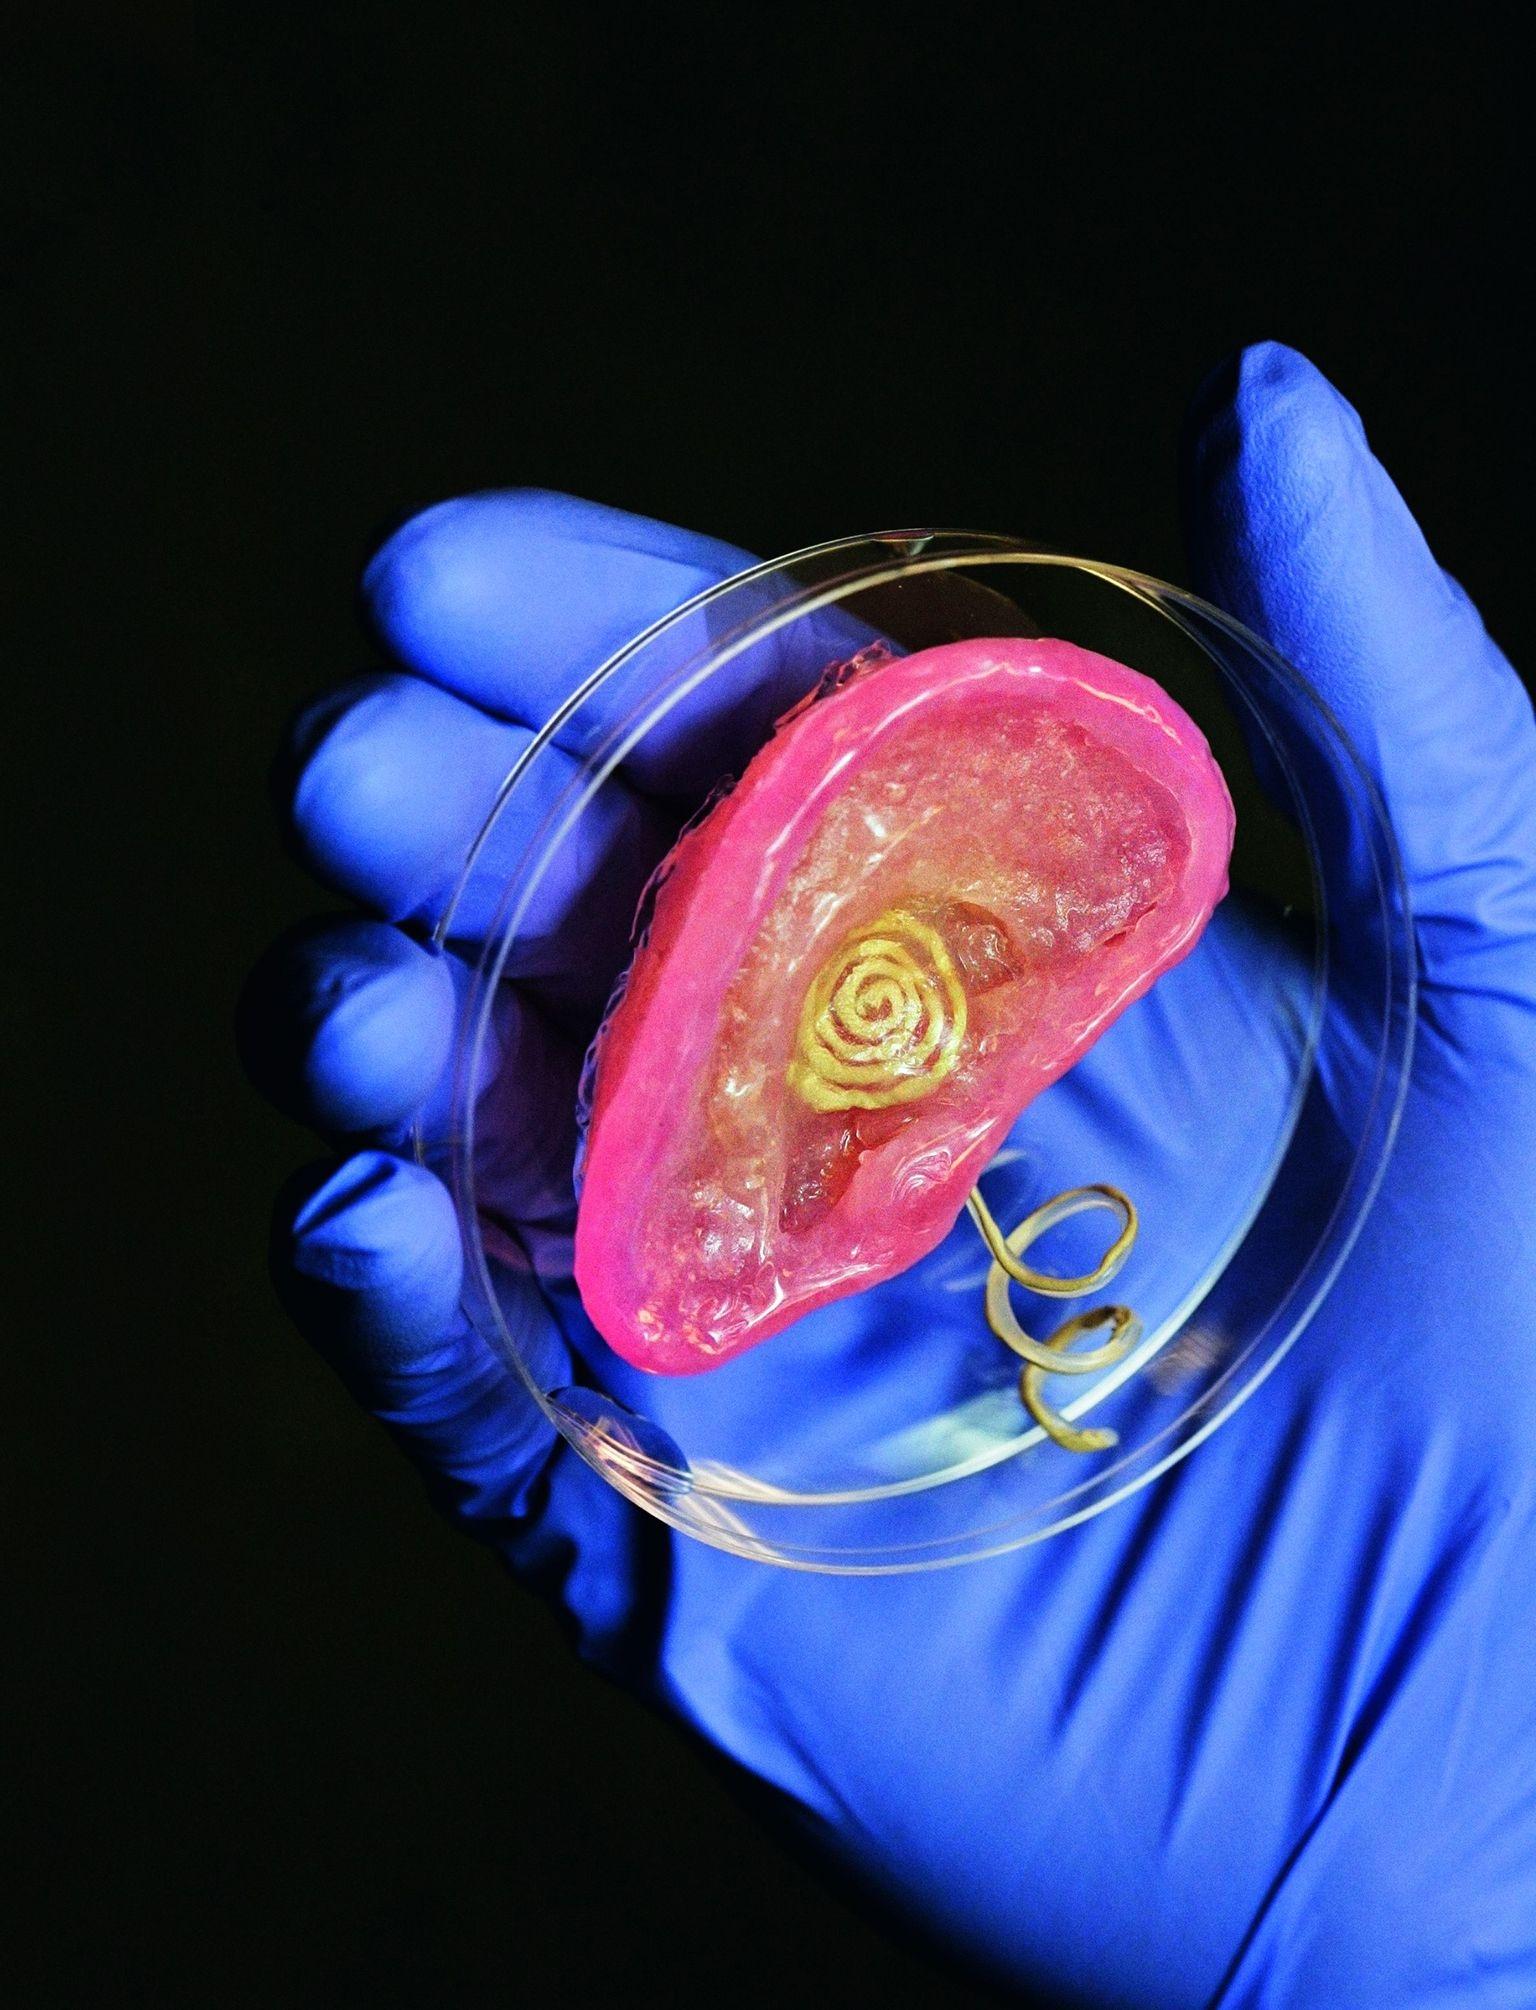 這是普林斯頓大學的研究人員以聚矽氧和軟骨細胞為「墨水」印出的仿生耳。金屬線圈負責收發可以刺激聽神經的電脈衝,就和人工電子耳一樣。PHOTO: FRANK WOJCIECHOWSKI SOURCE: MICHAEL MCALPINE, PRINCETON UNIVERSITY